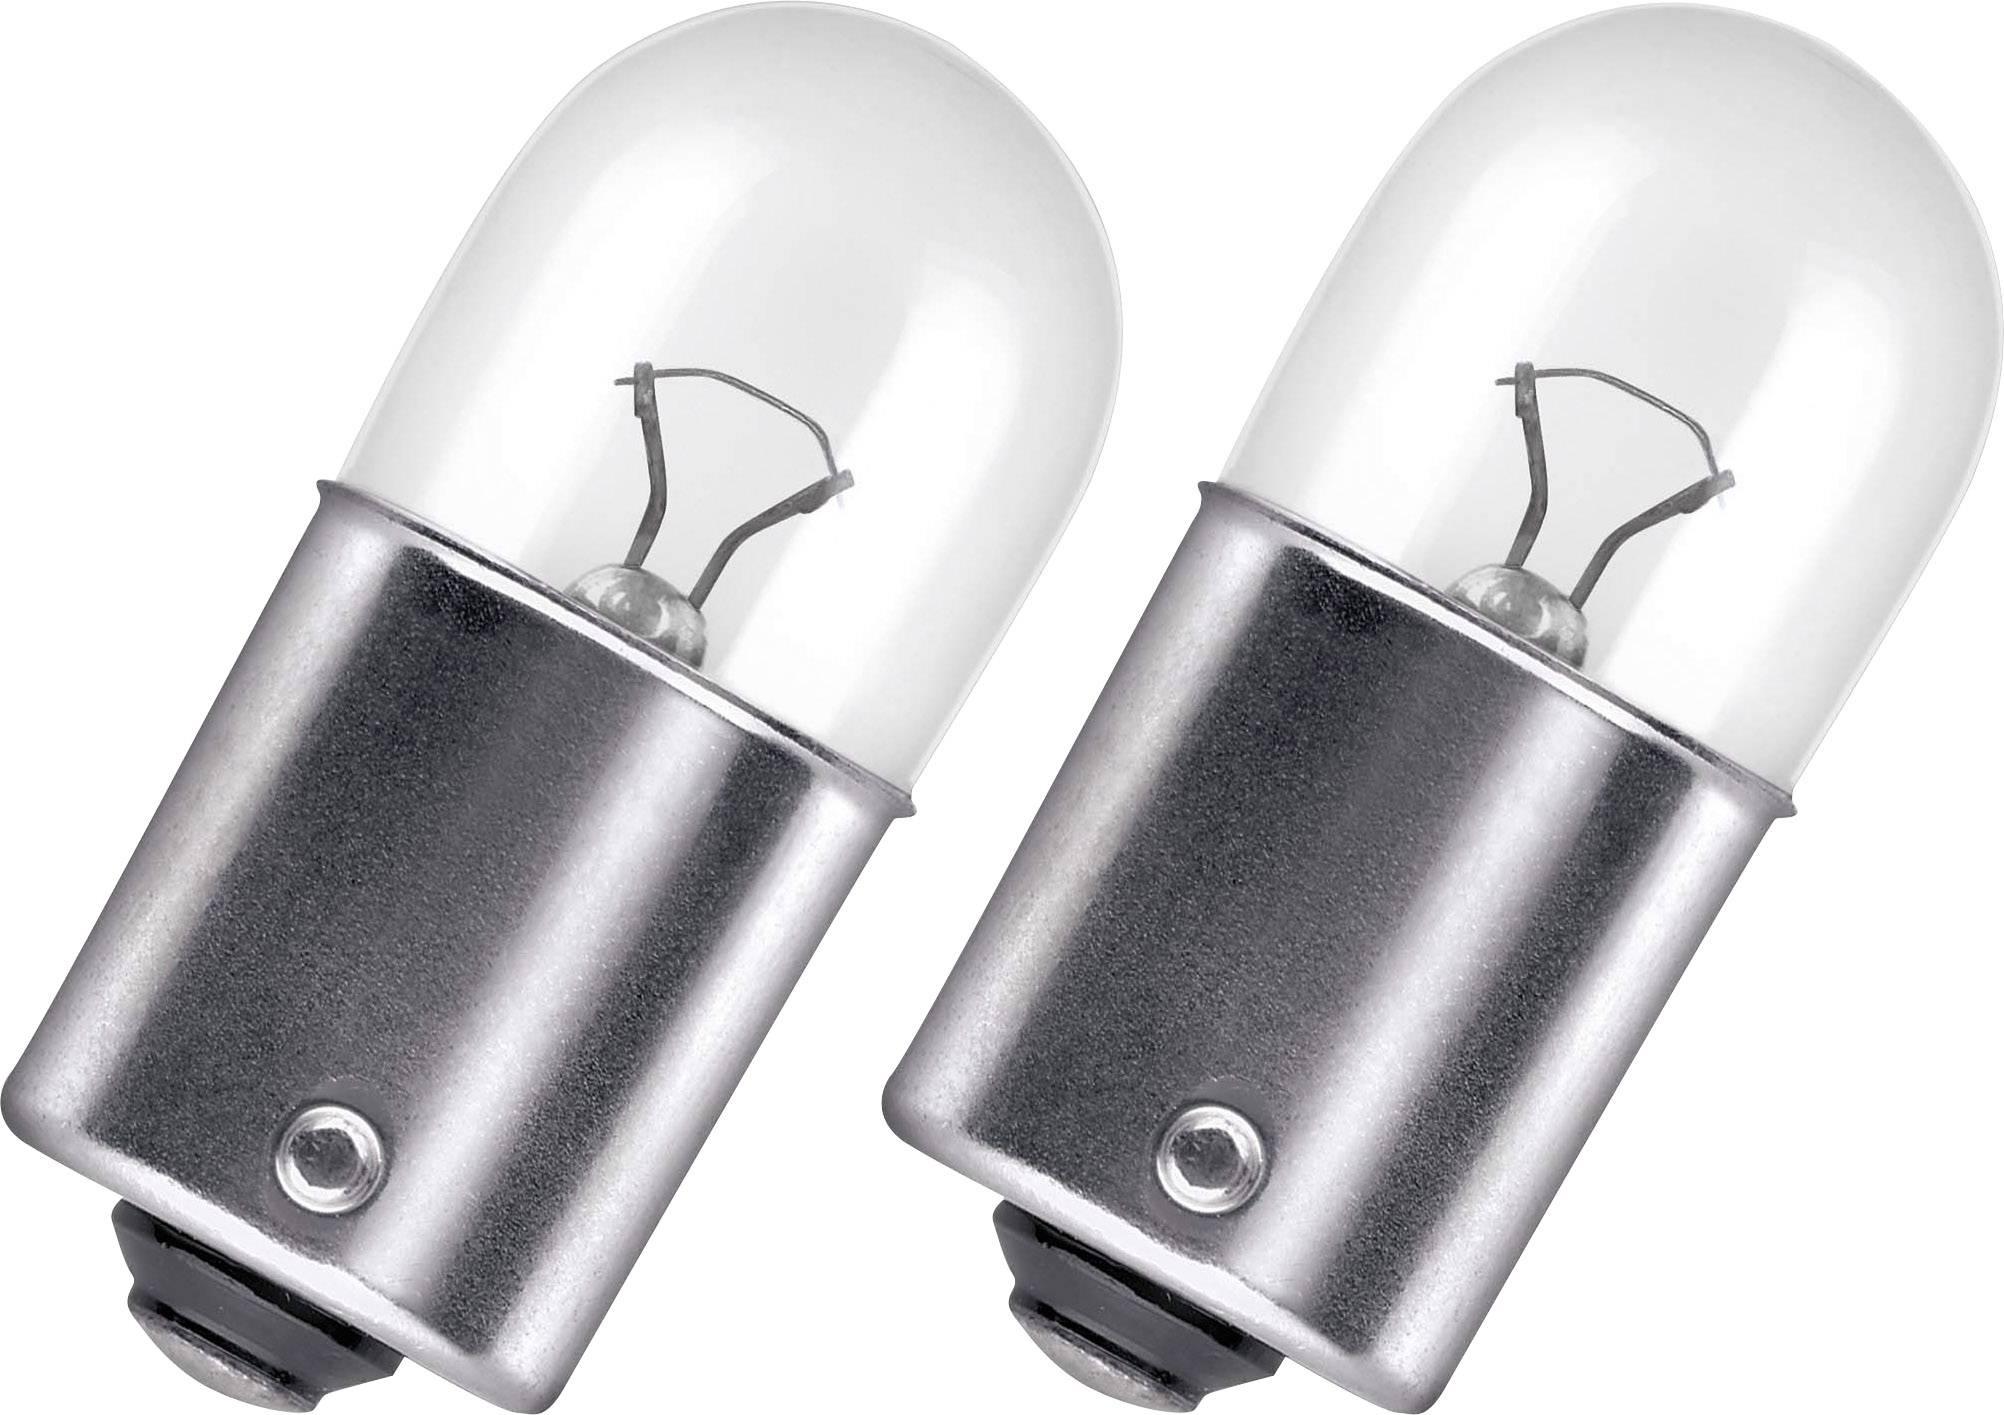 Signálne svetlo OSRAM KOGELLAMP R5 W 5007-02B, R5W, 5 W